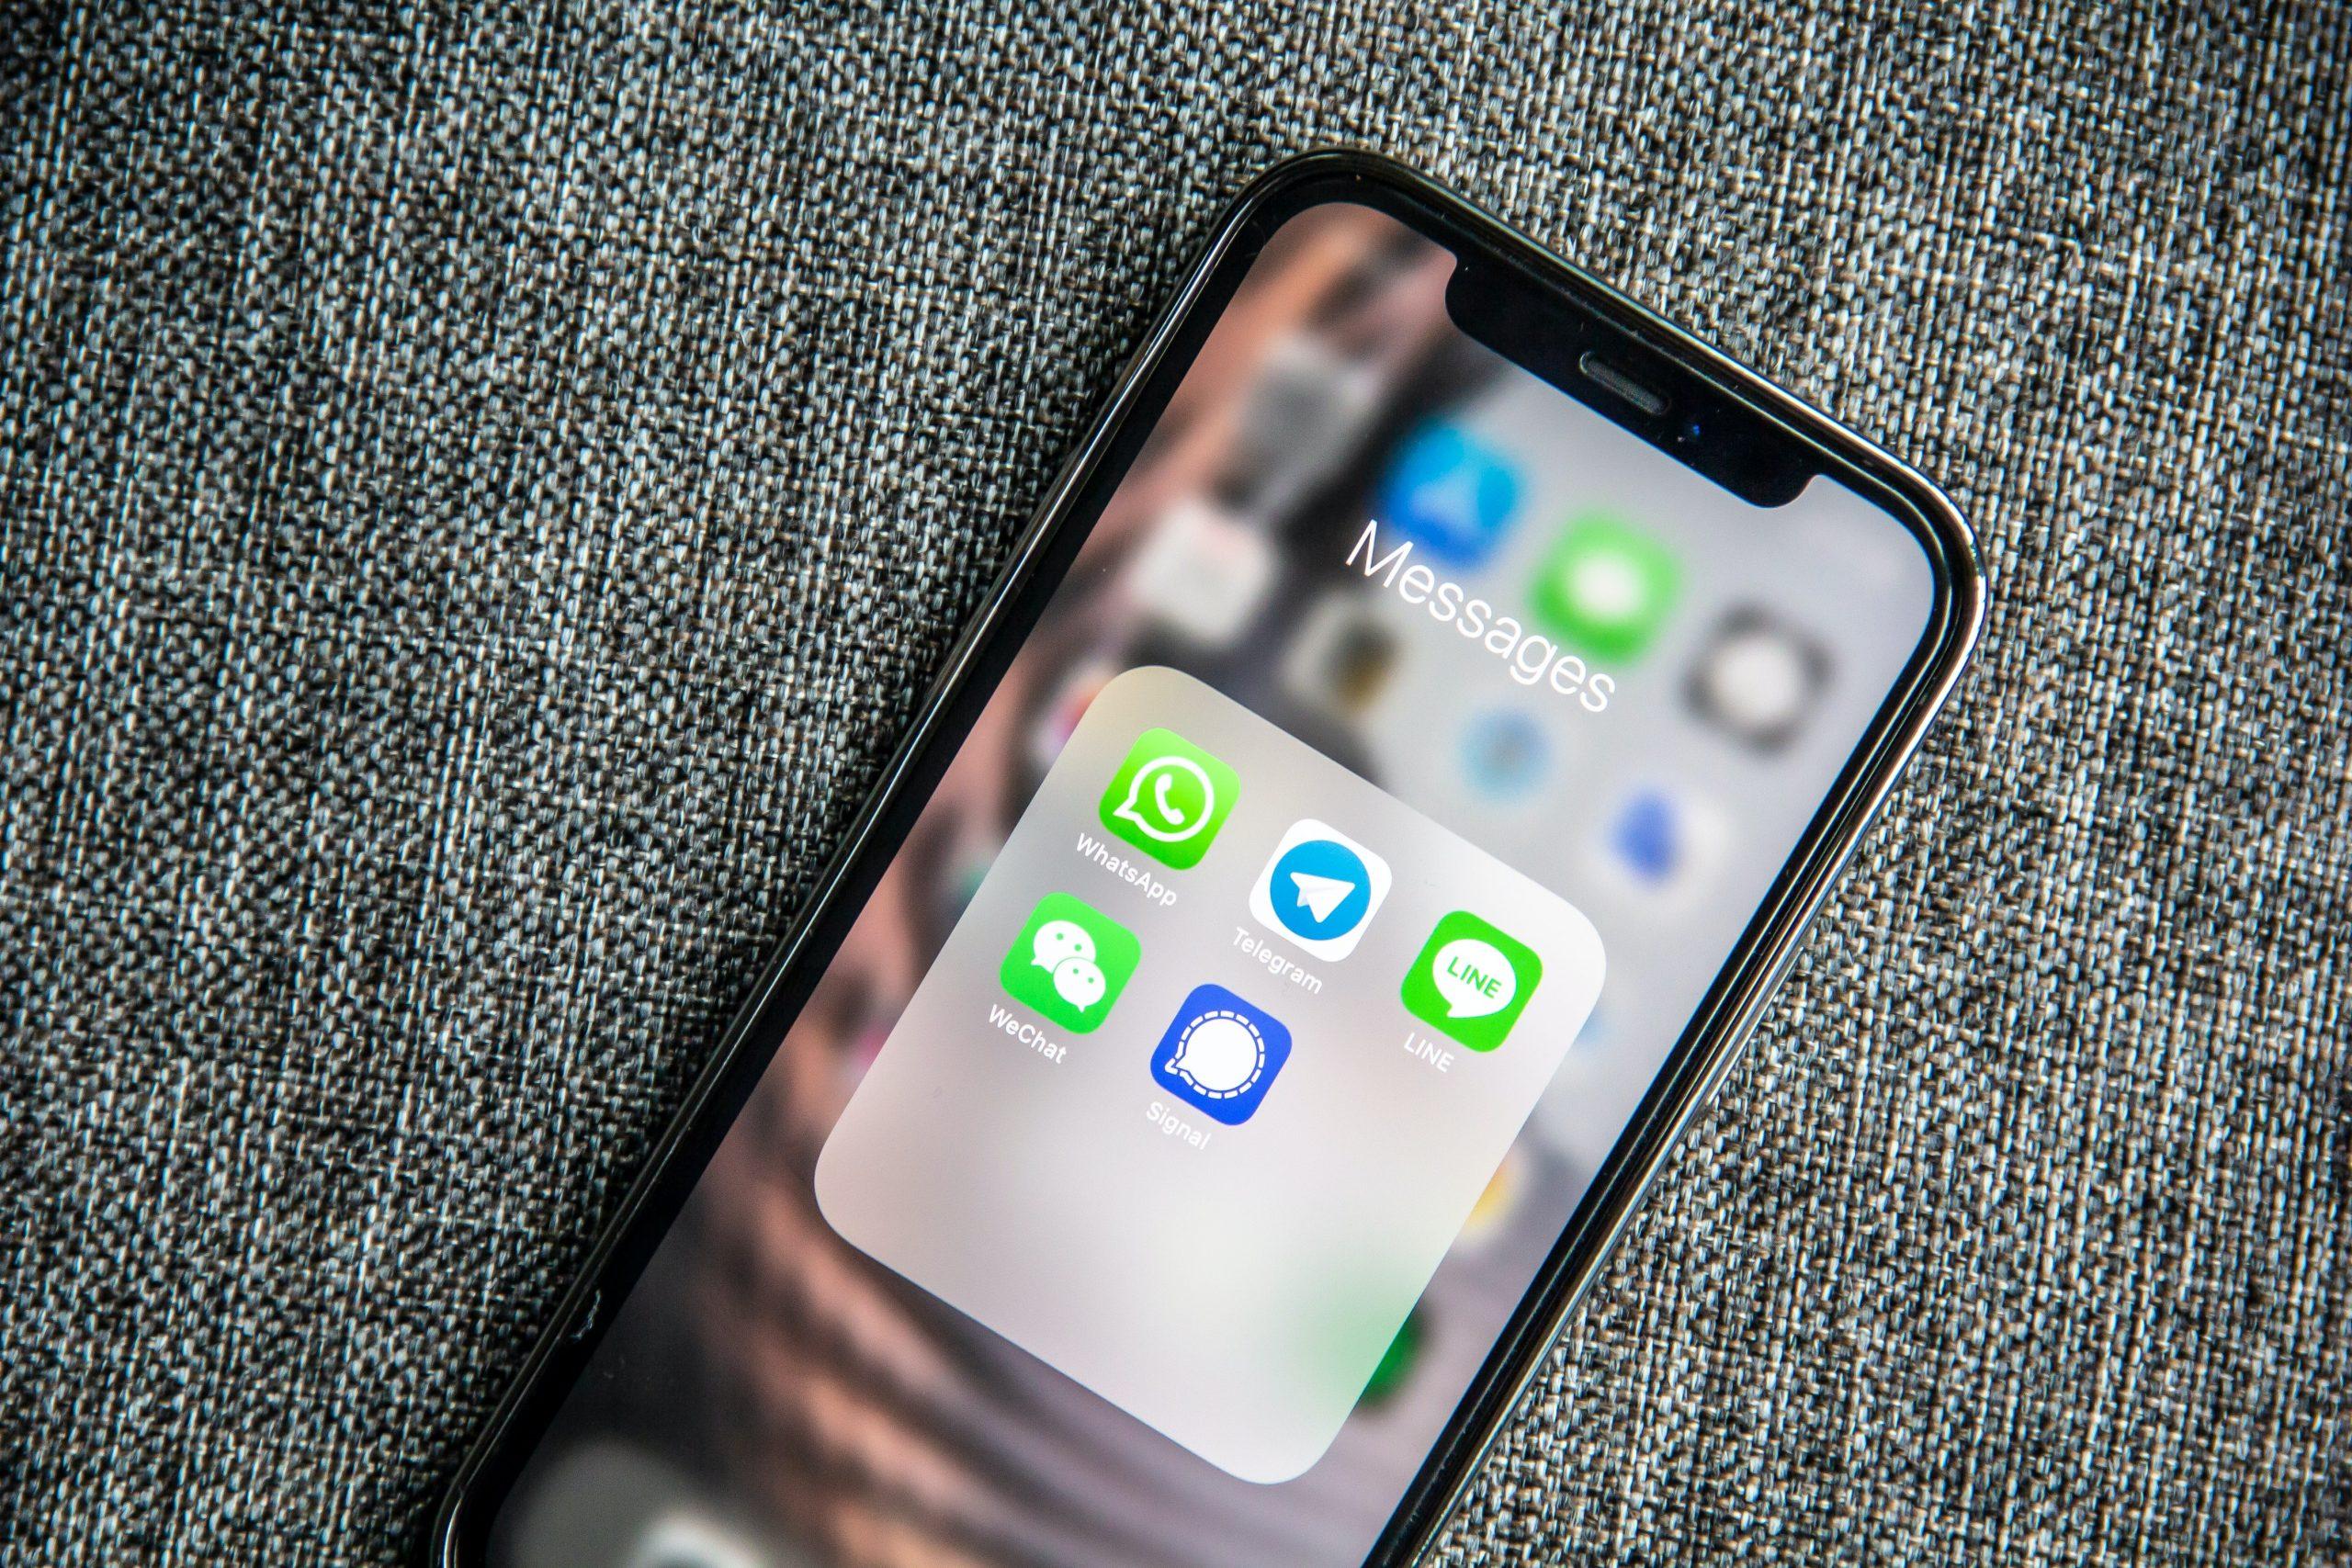 Imagem de um celular com apps na tela